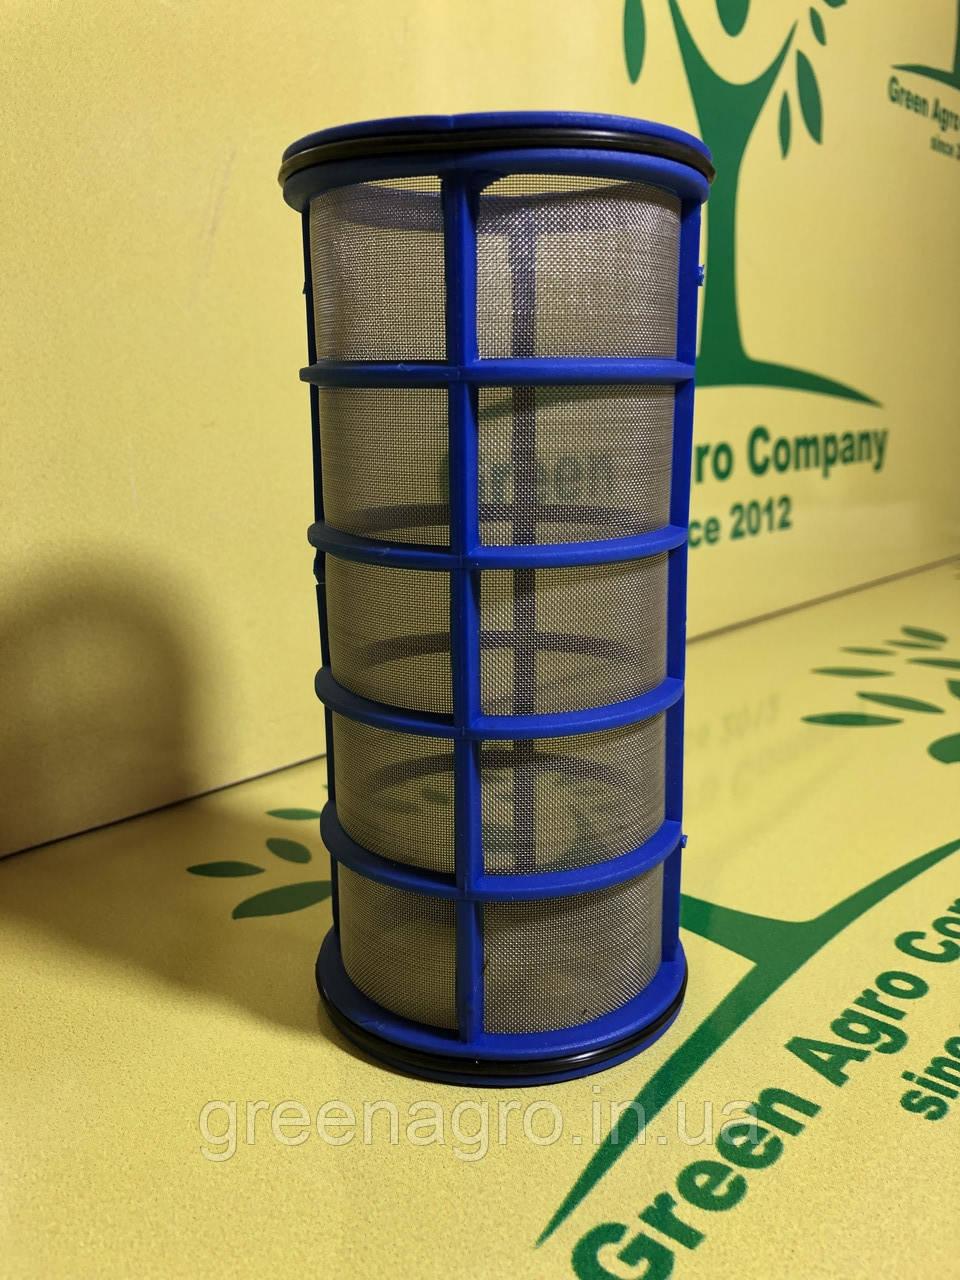 Сито малого фильтра опрыскивателя (сетка фильтра) Agroplast